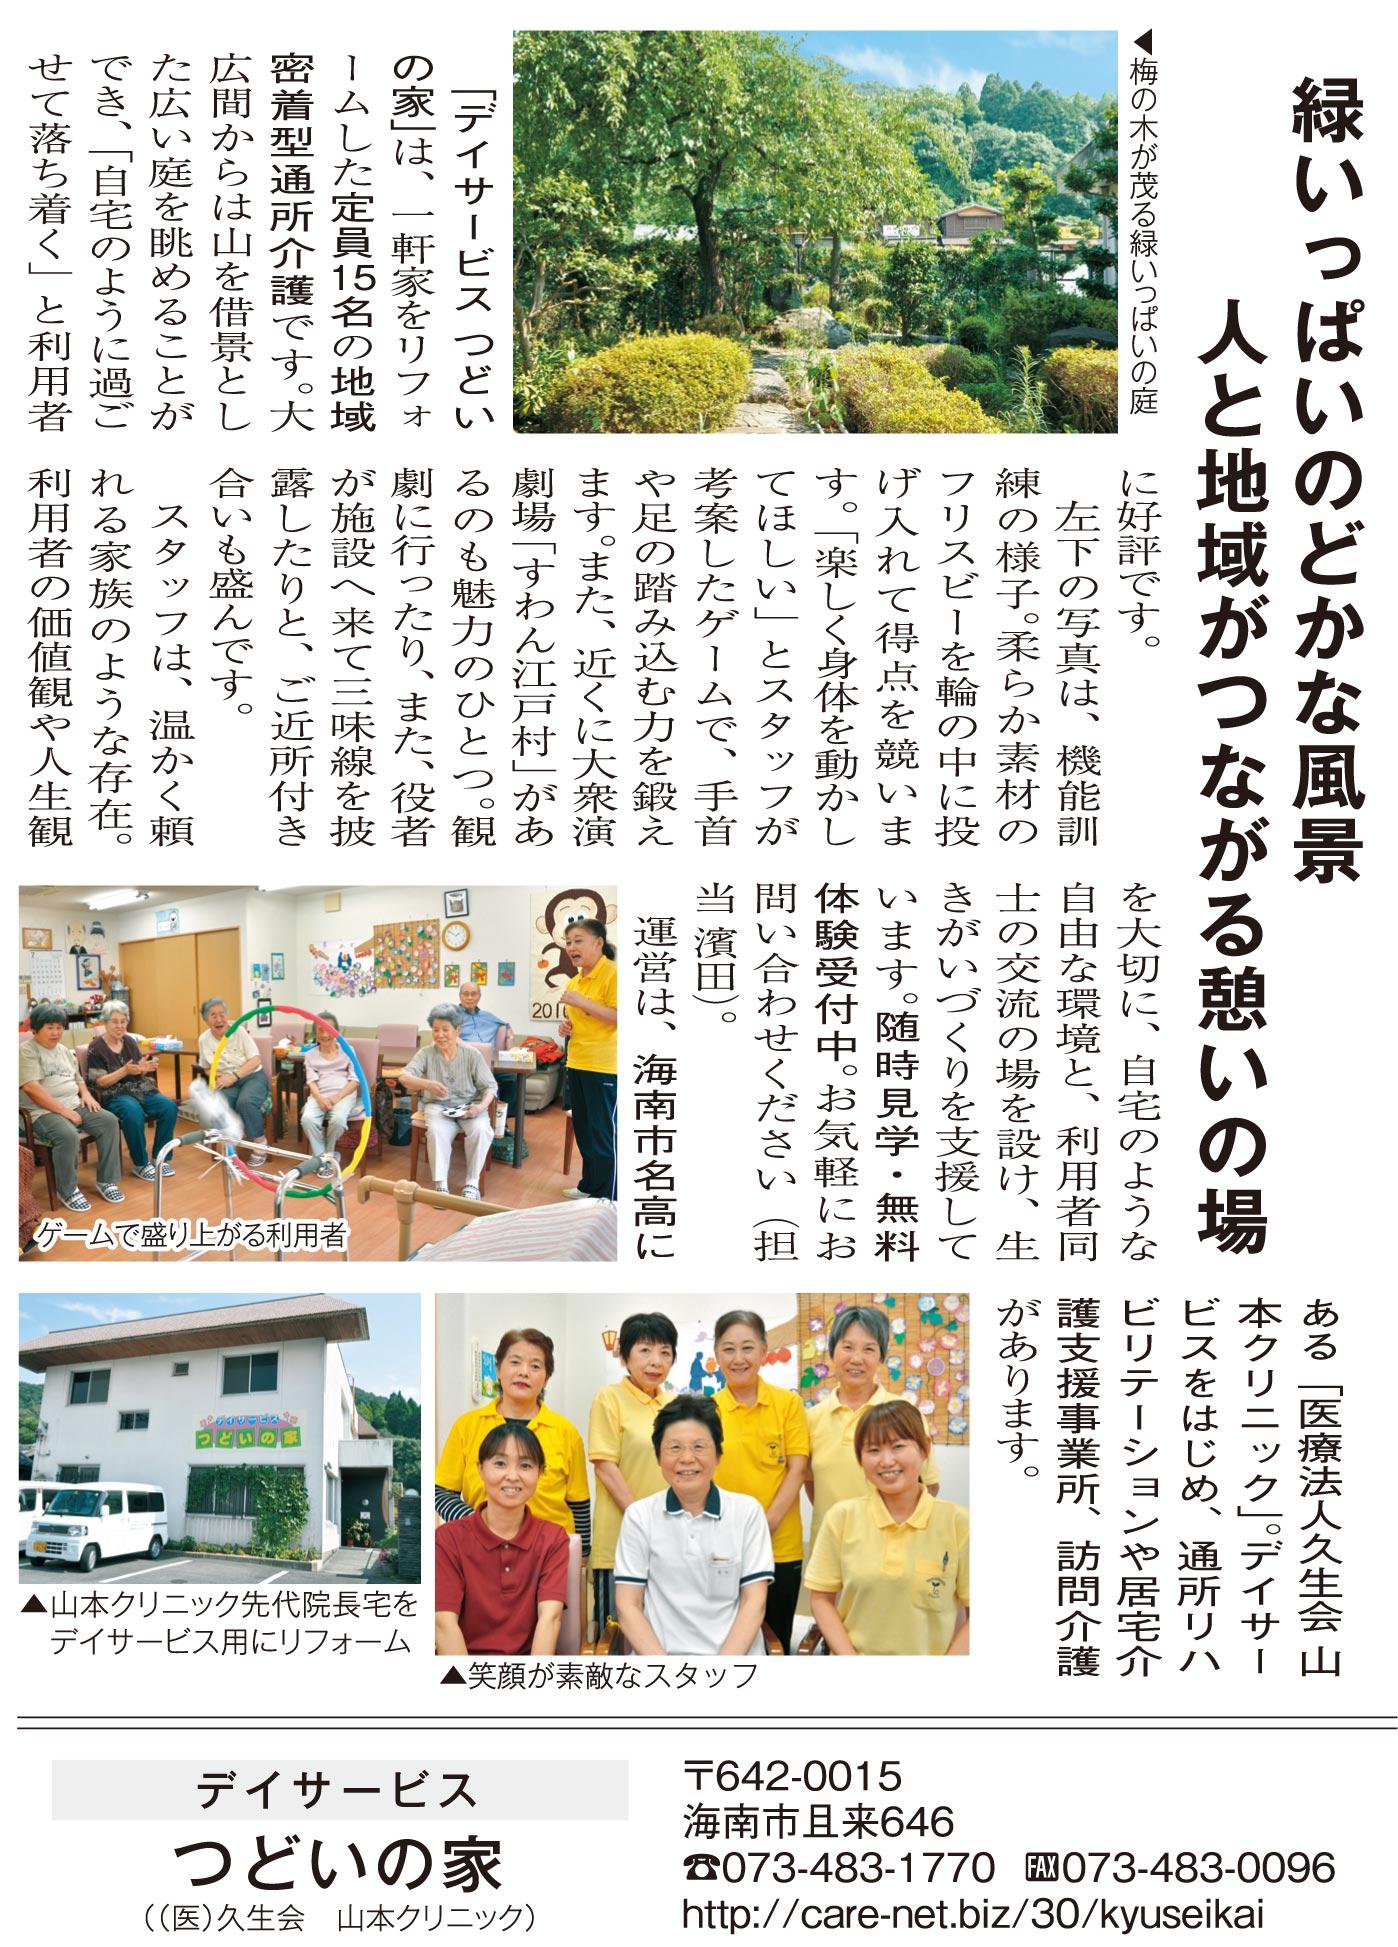 近ごろの介護施設情報〜つどいの家、kiyomi's郷 あゆむ